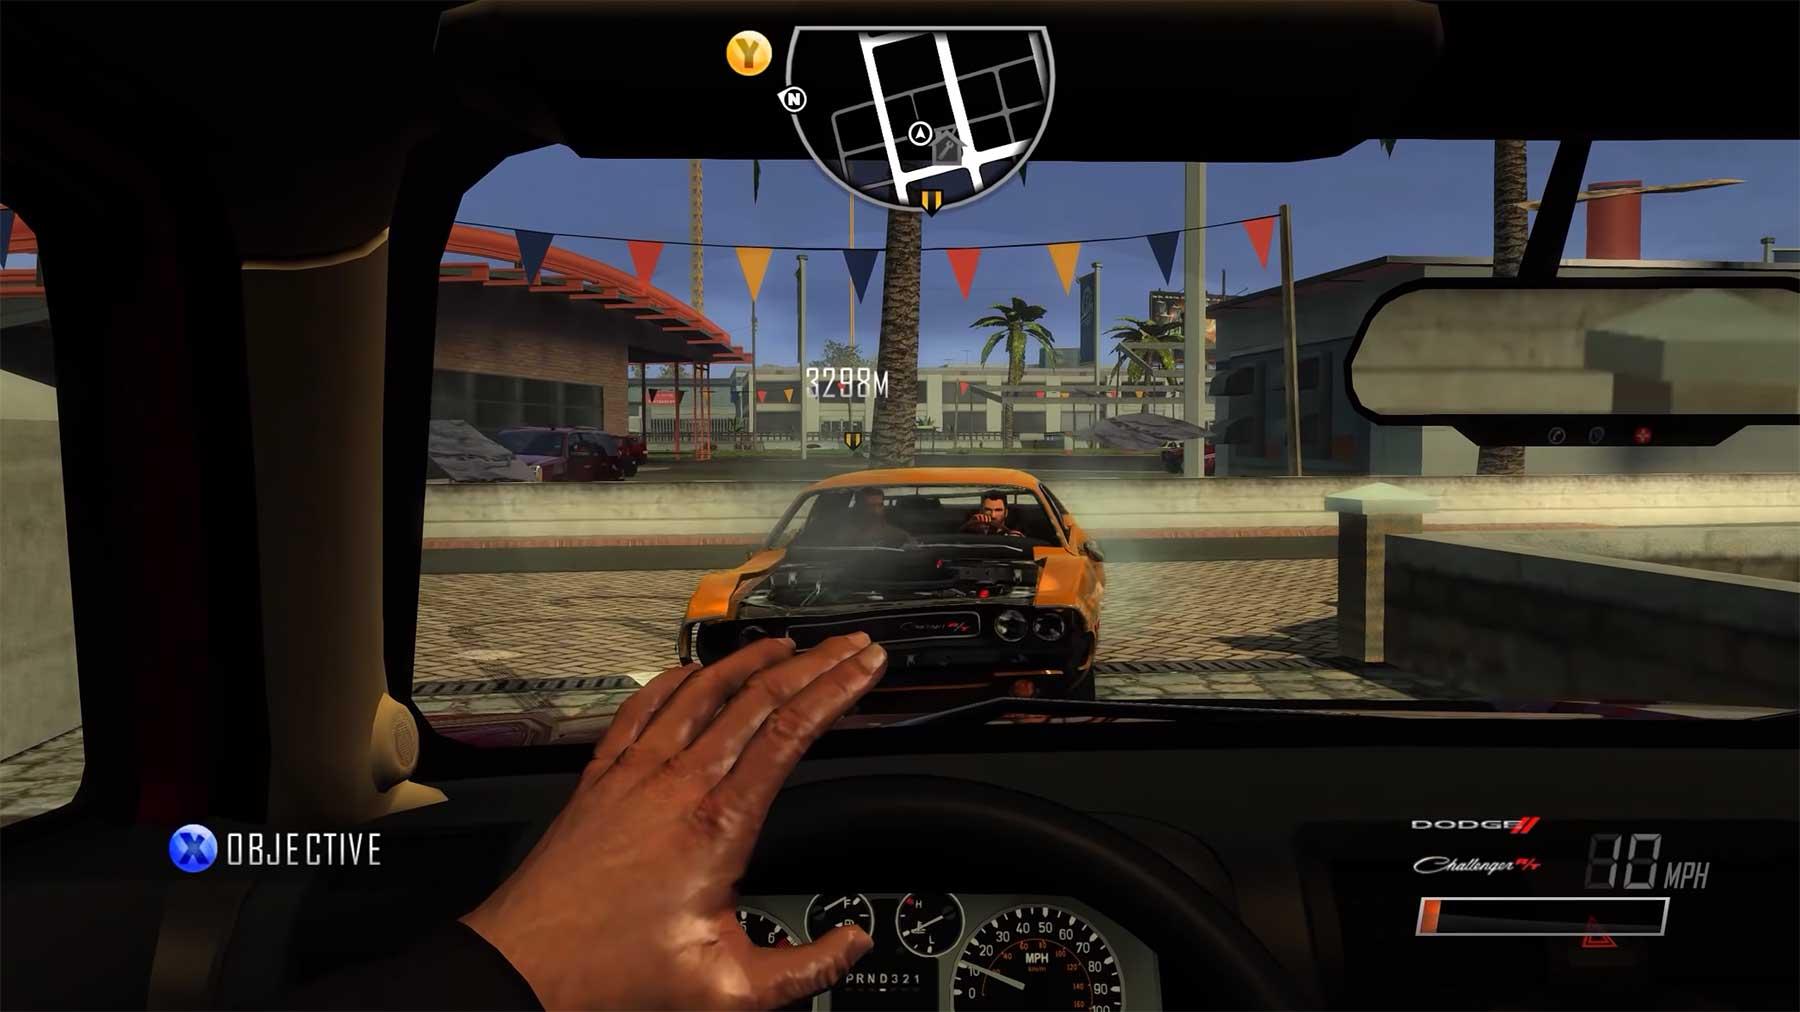 Wie sähe wohl ein Second-Person-Videospiel aus? second-person-videospiel